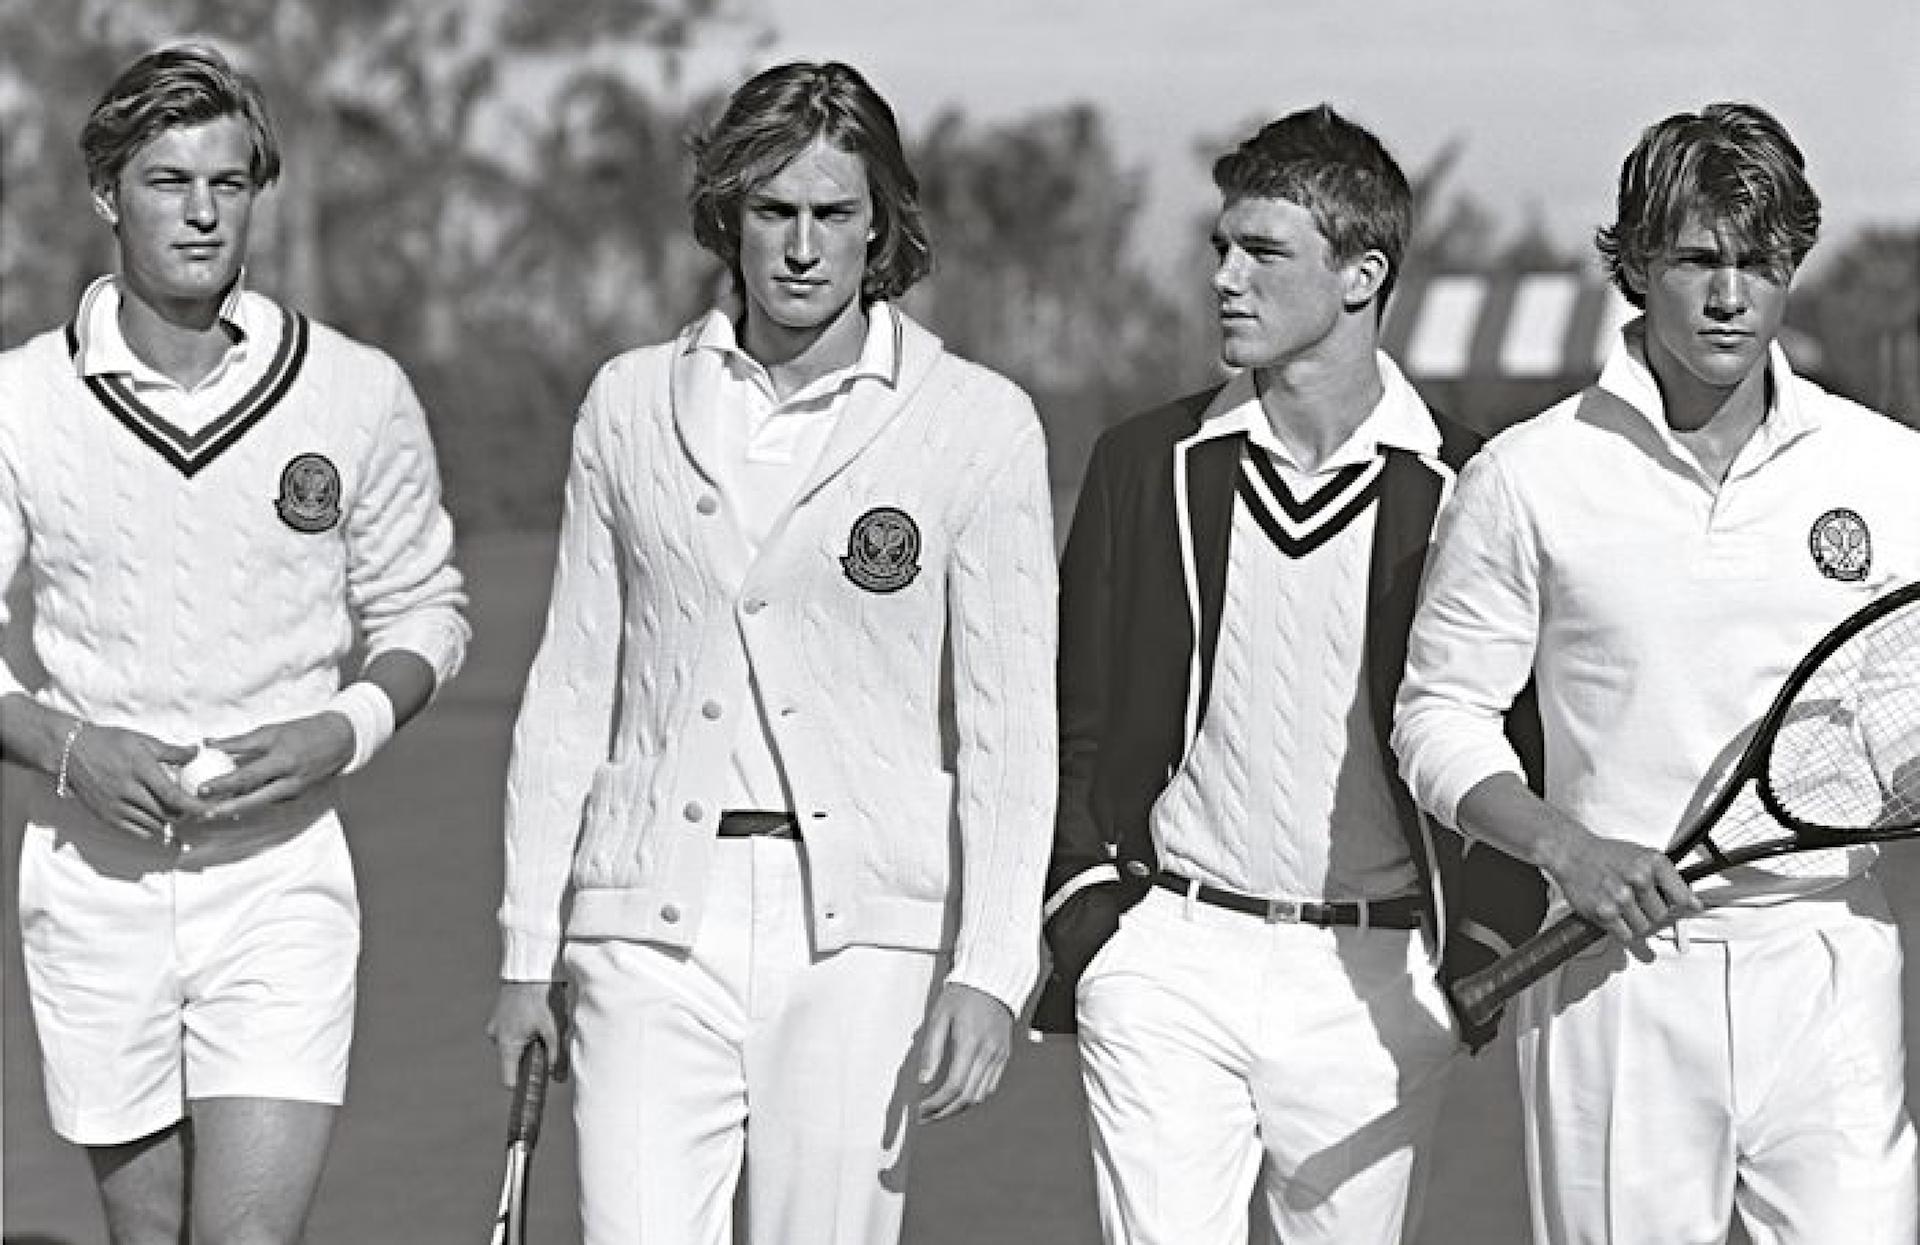 Peut-on jouer au tennis en Ralph Lauren?